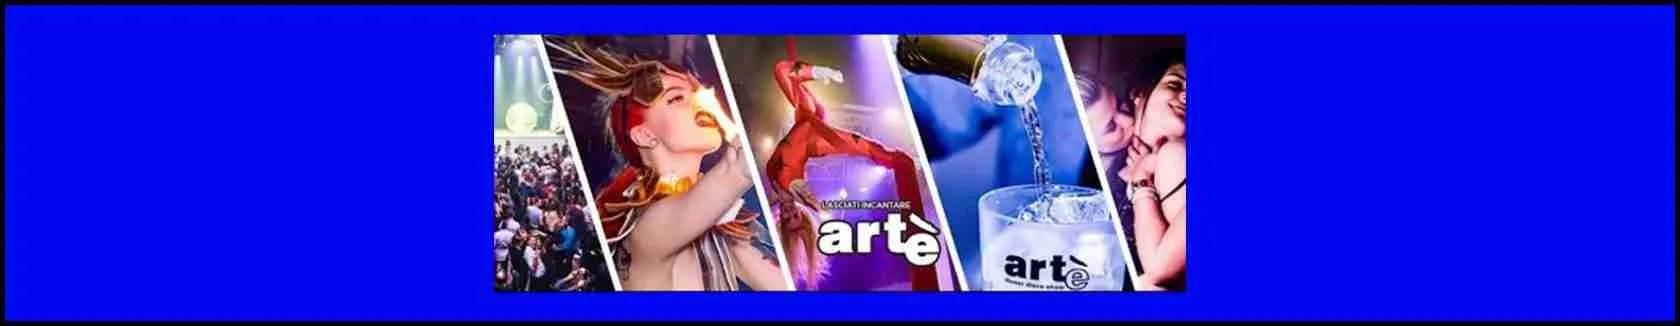 L'Artè Disco Dinner Show di Trento è la discoteca più amata dalle escort e dalle accompagnatrici di Trento. Magica Escort